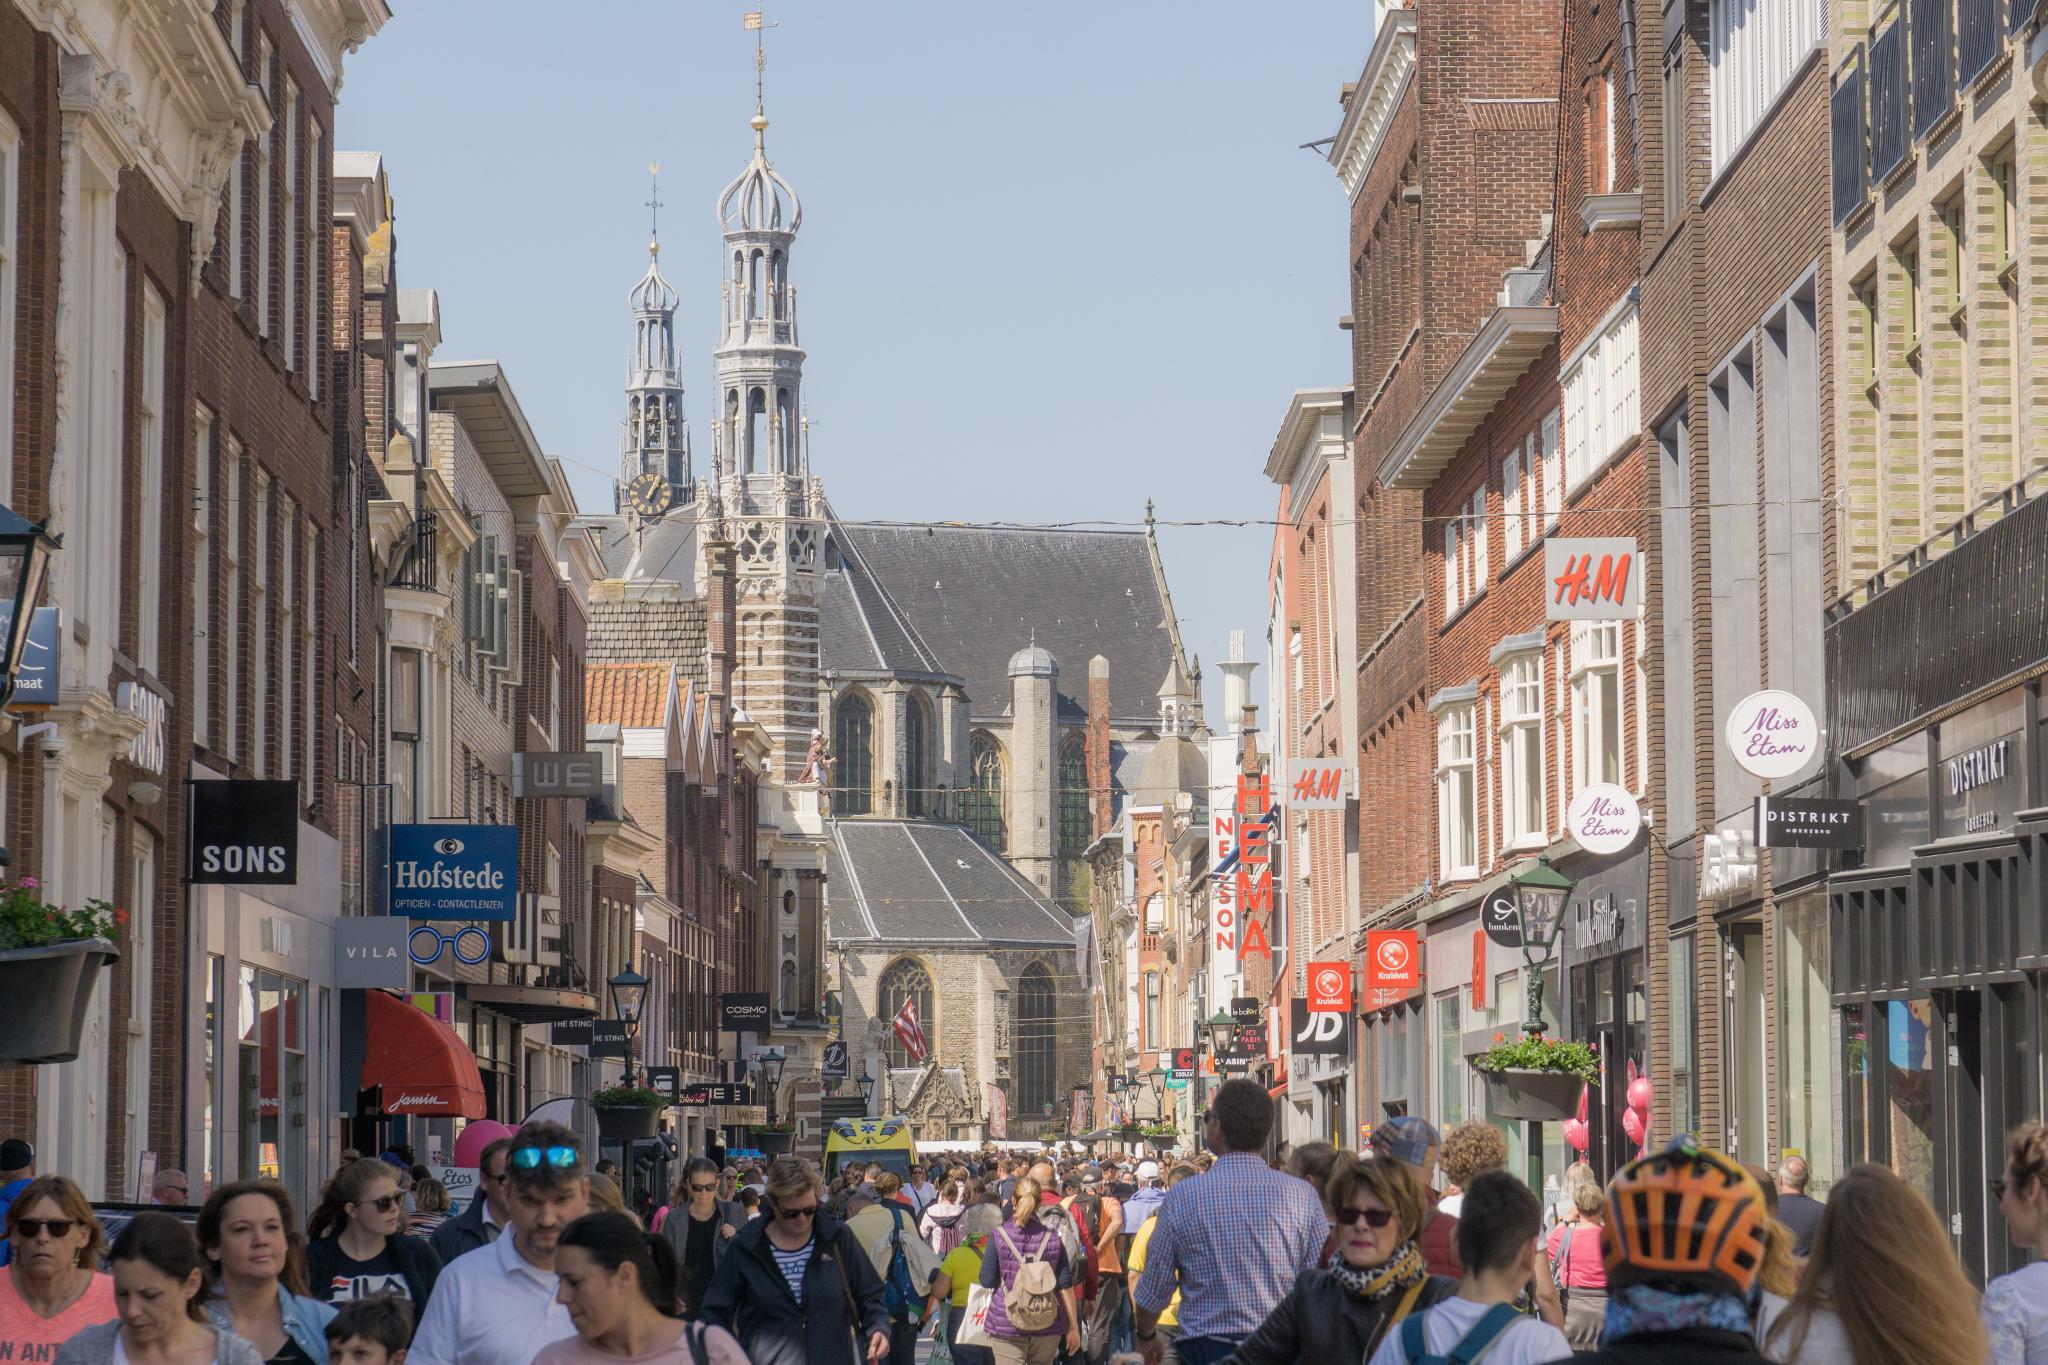 【荷蘭印象】體驗道地的荷式風情 — Alkmaar 起司市集 散步路線整理 35